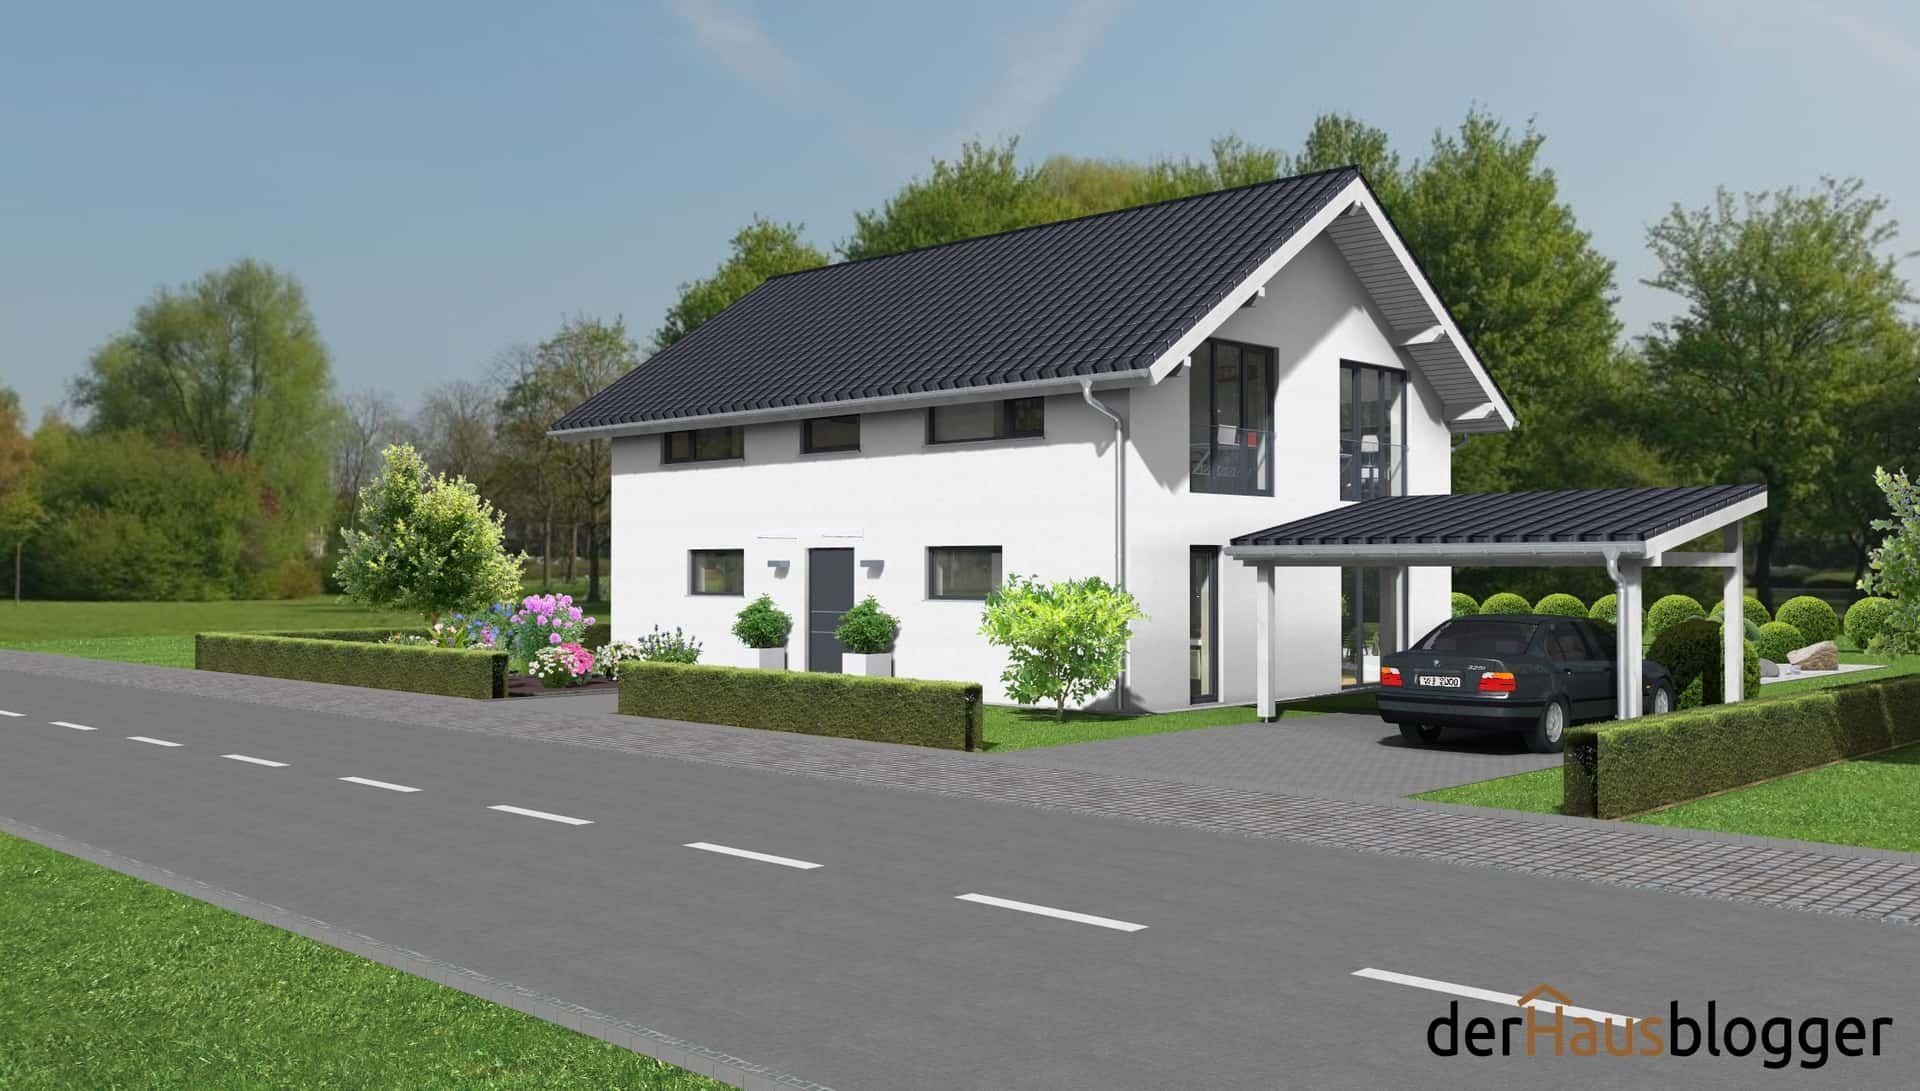 Satteldachhaus 158,5m² | der Hausblogger   – Grundriss einfamilienhaus